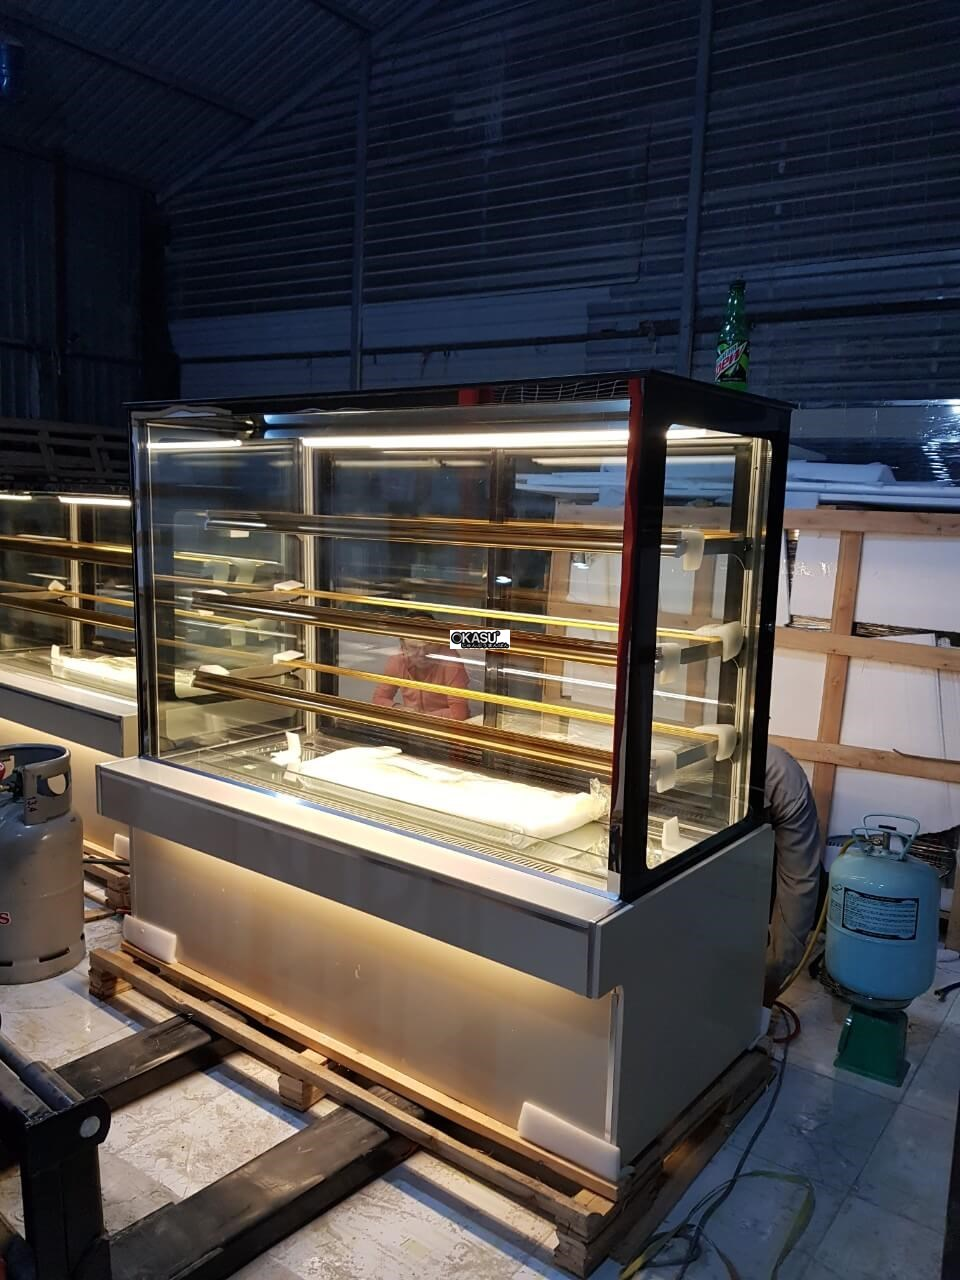 Tủ trưng bày bánh kem 4 tầng OKASU OKA-1500M - ảnh 5